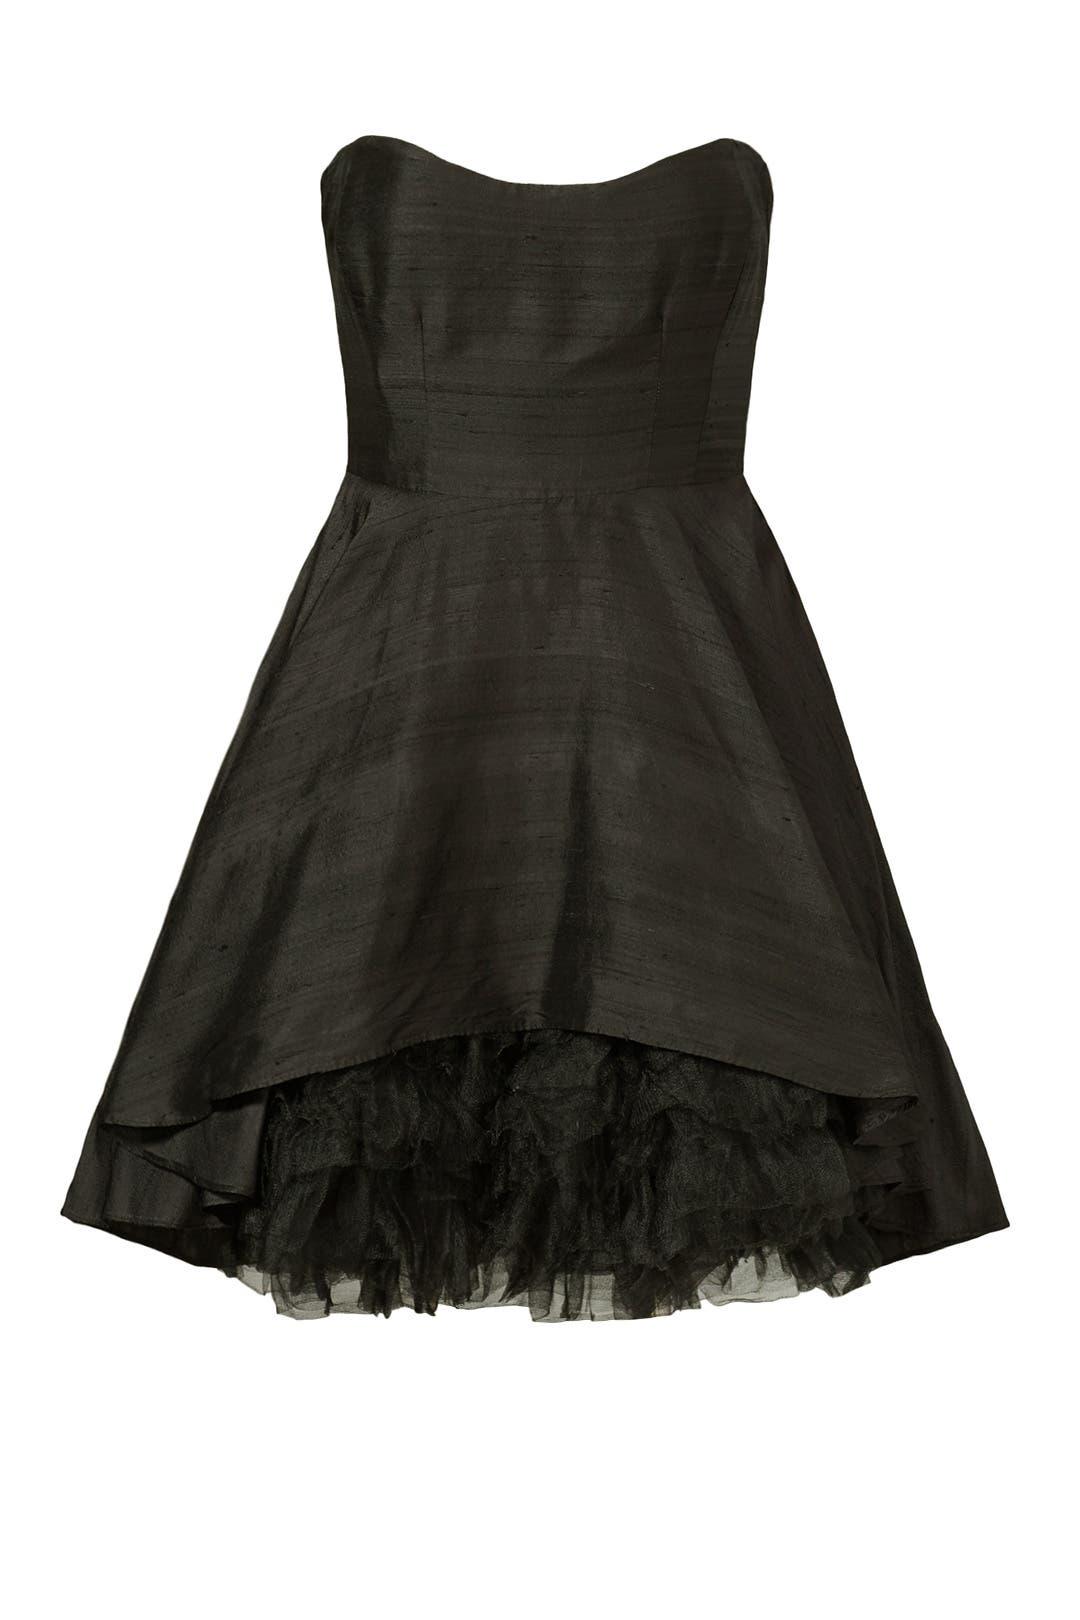 Peek of Tulle Dress by allison parris